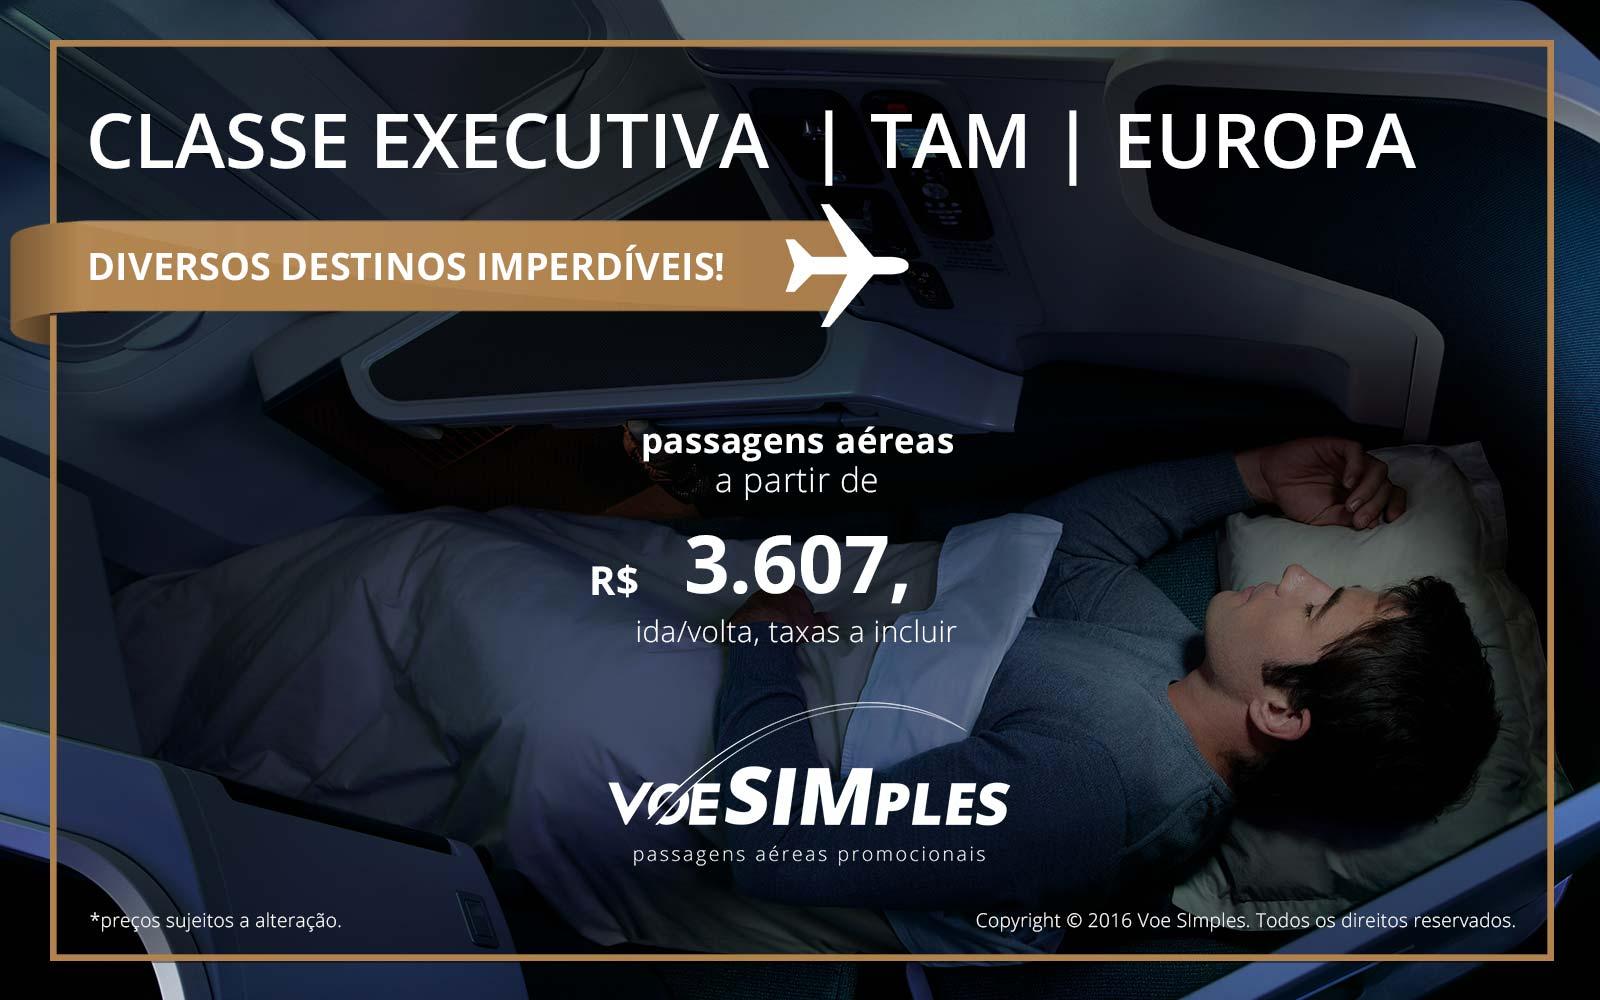 Passagem aérea Classe Executiva TAM para a Europa